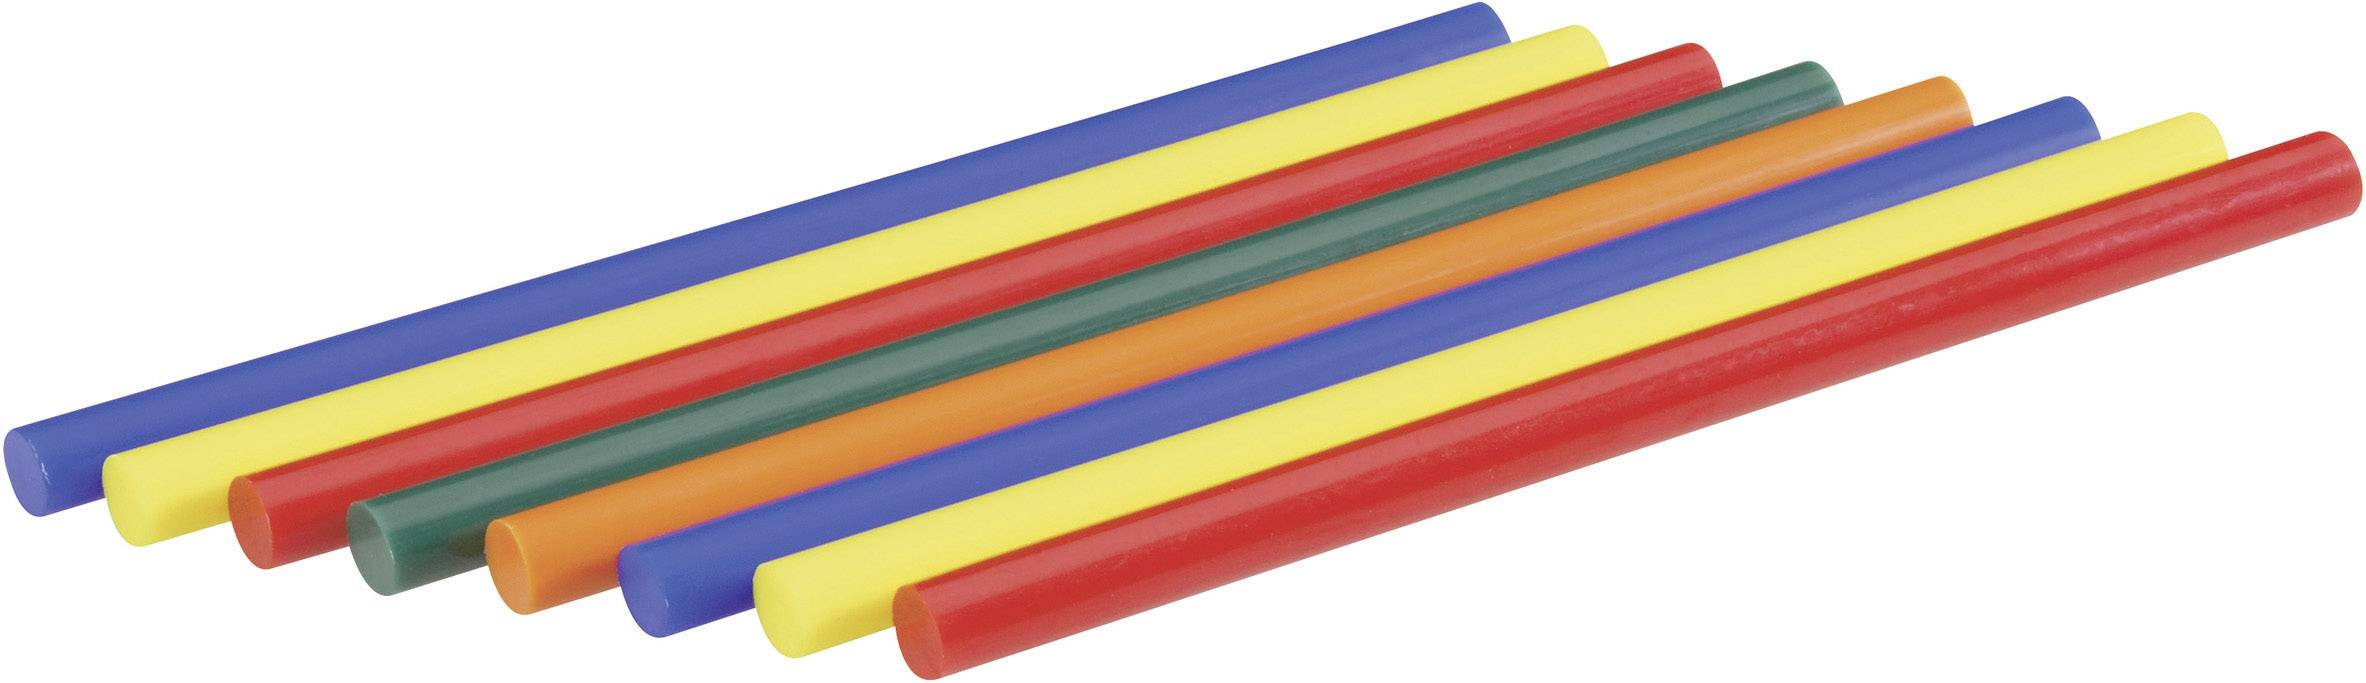 Lepiace tyčinky Steinel 047719, Ø 11 mm, 8 ks, rôzne farby triedené